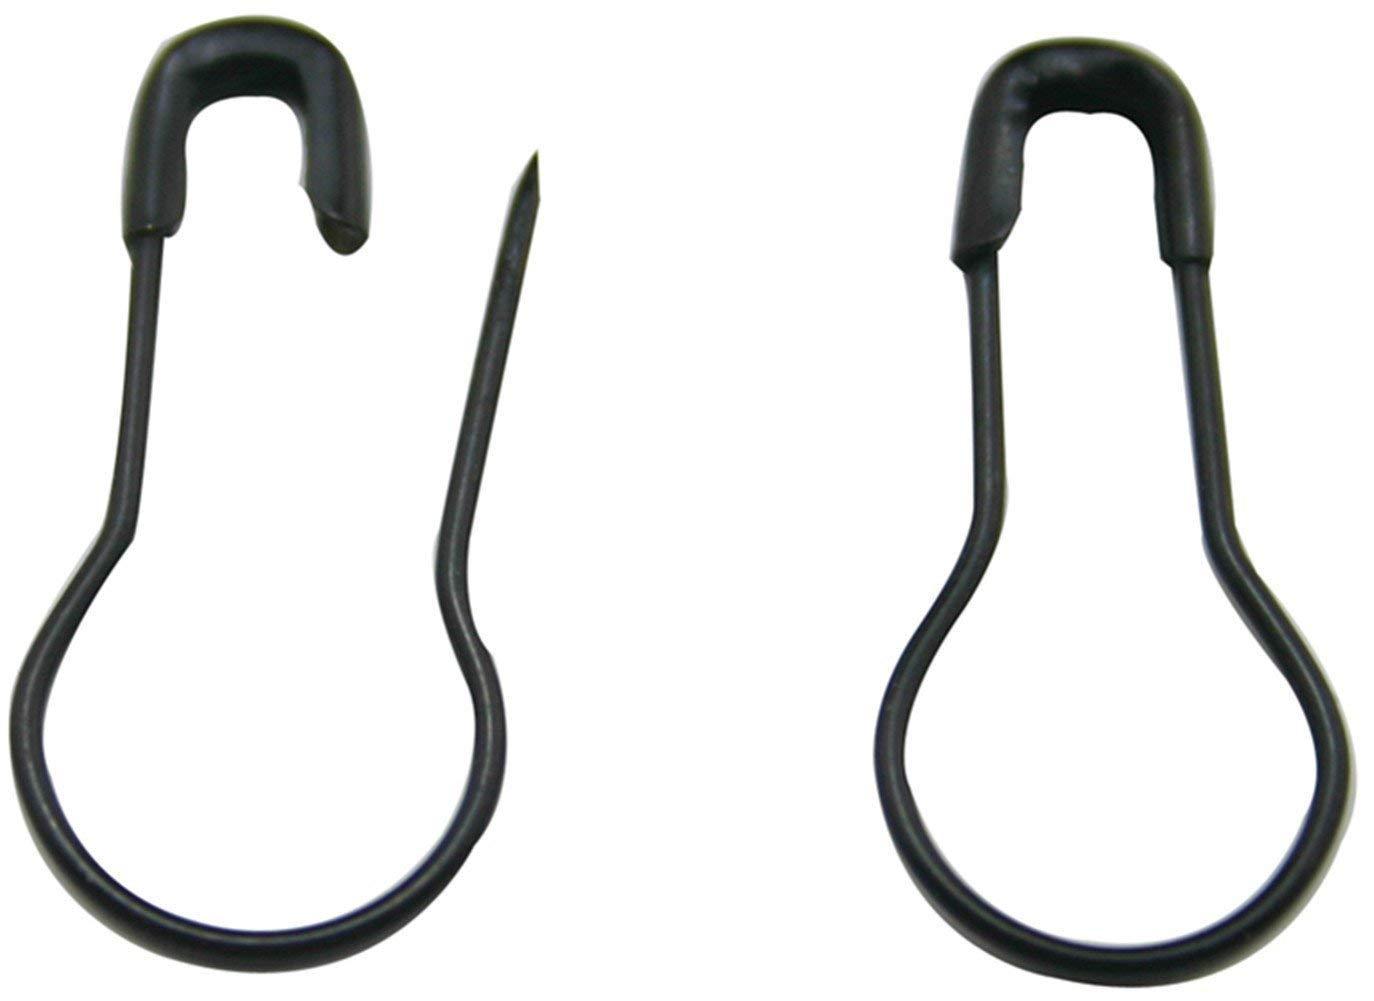 5-Pack Rescue Essentials Black Safety PINS 2